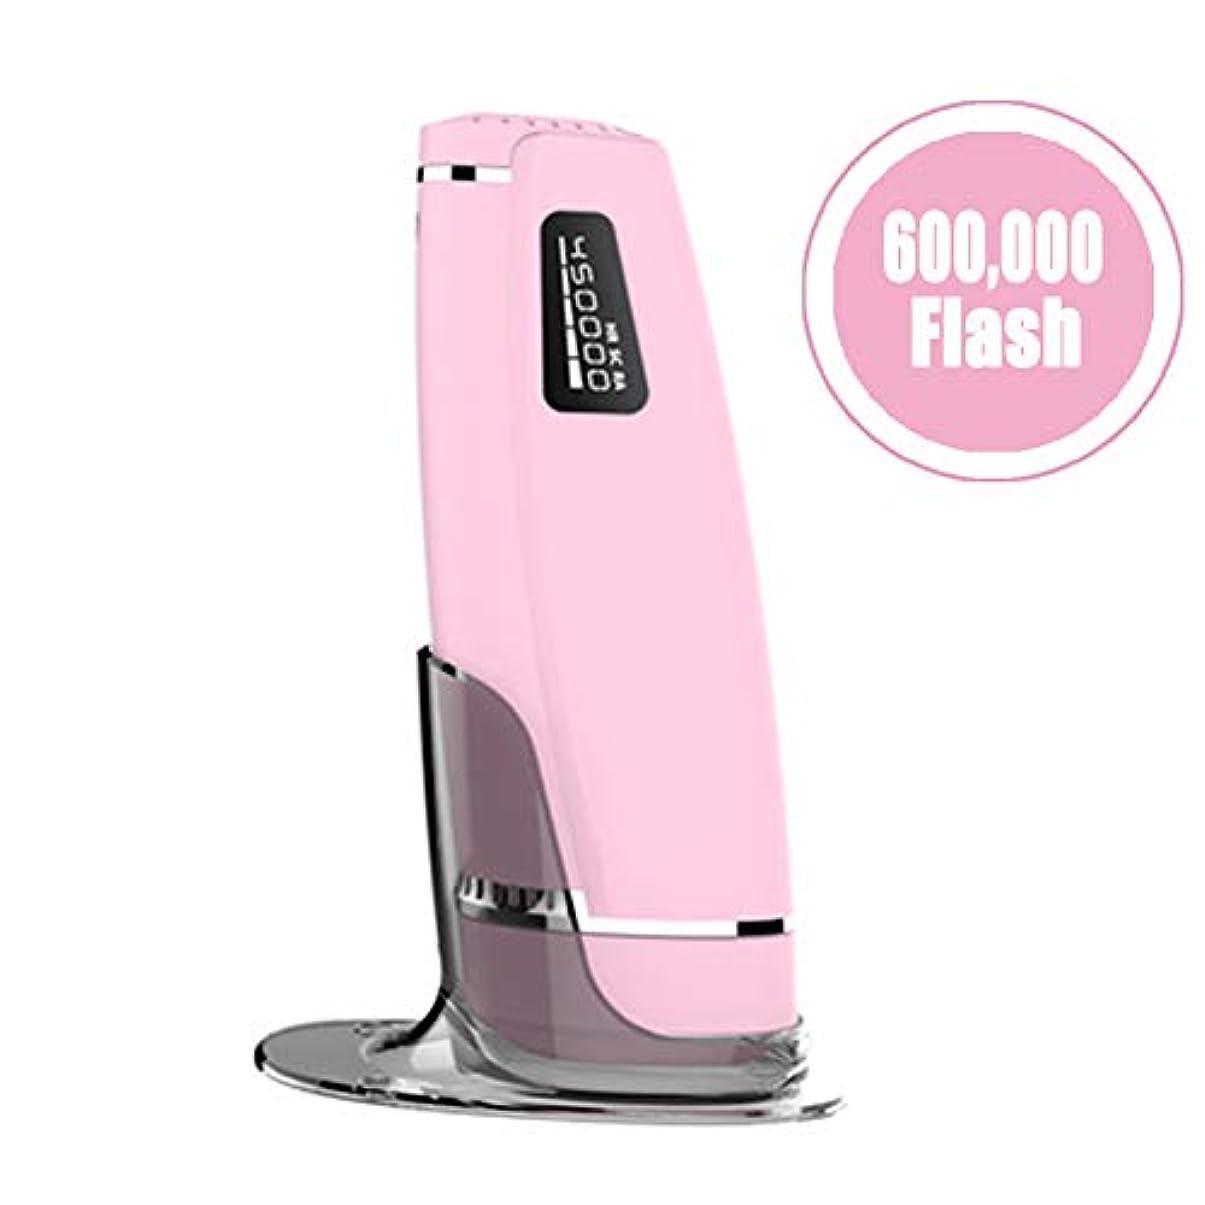 圧力ハンカチお世話になったアップグレードIPLレーザー脱毛システムデバイス、60万回のフラッシュ無痛常設パルス光脱毛器にとってボディフェイス脇の下ビキニライン,Pink